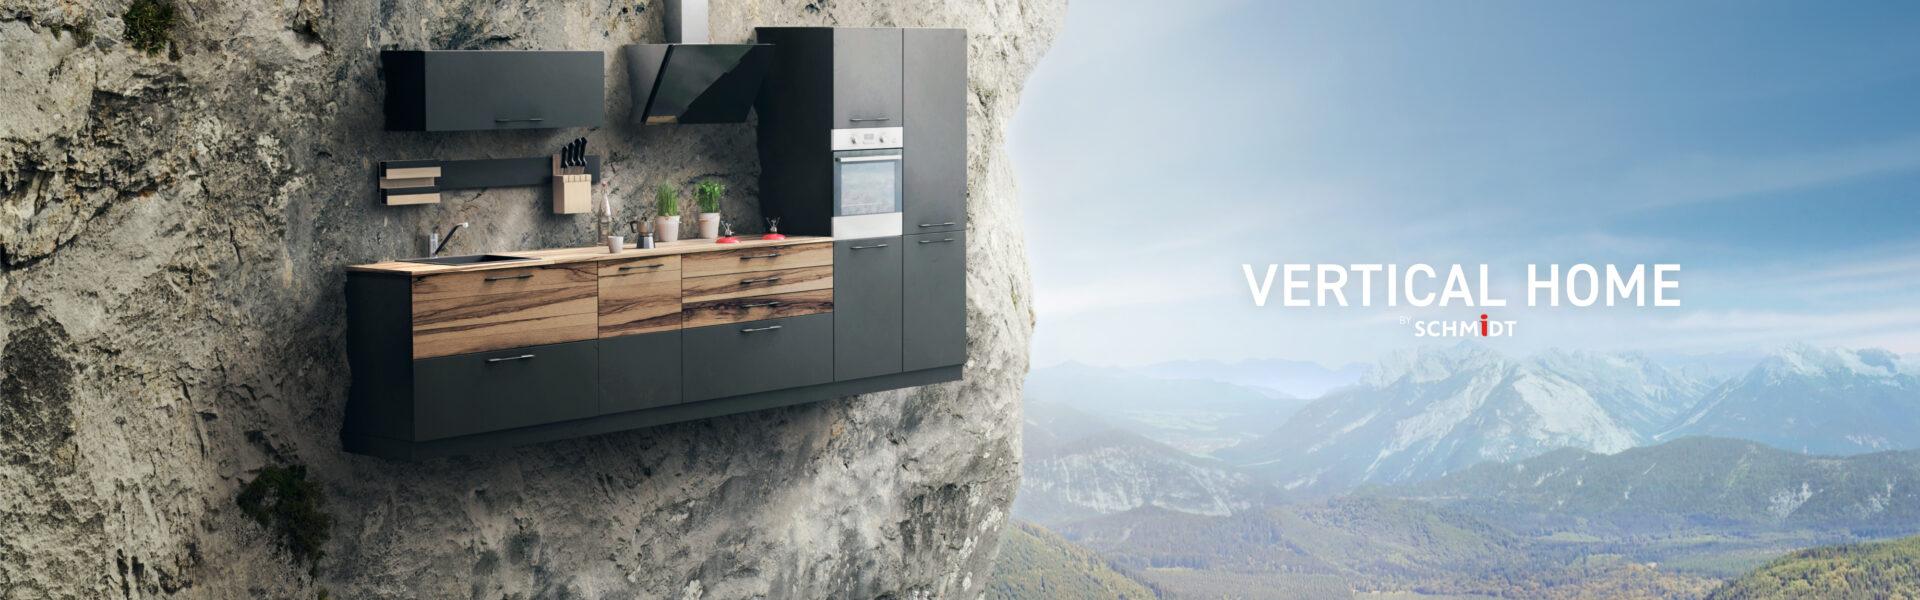 Schmidt køkken monteret på en bjergside